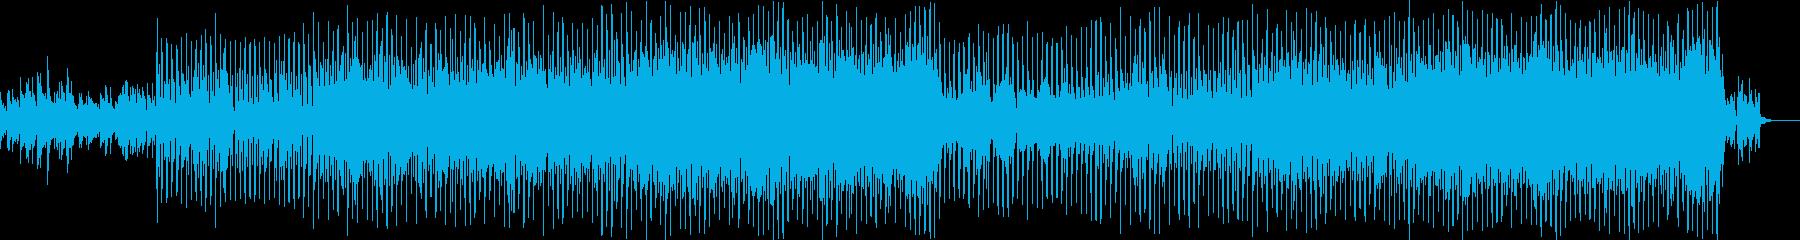 明るく爽やかなオーケストラポップ-11の再生済みの波形